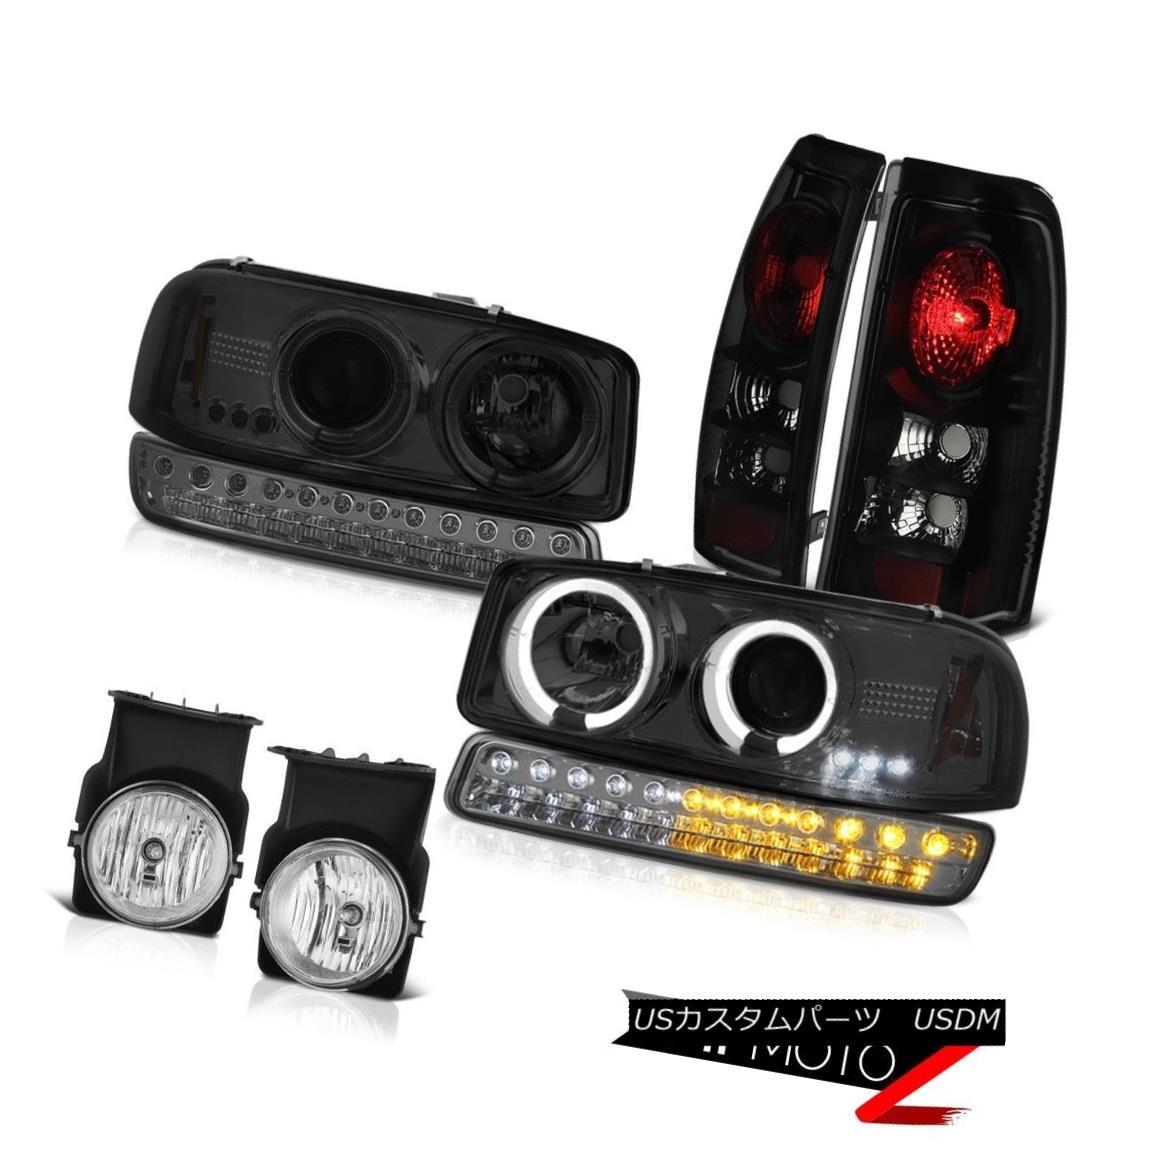 テールライト 03 04 05 06 Sierra 5.3L Fog Lights Tail Lamps Dark Smoke Parking Lamp Headlamps 03 04 05 06シエラ5.3Lフォグライトテールランプダークスモークパーキングランプヘッドランプ